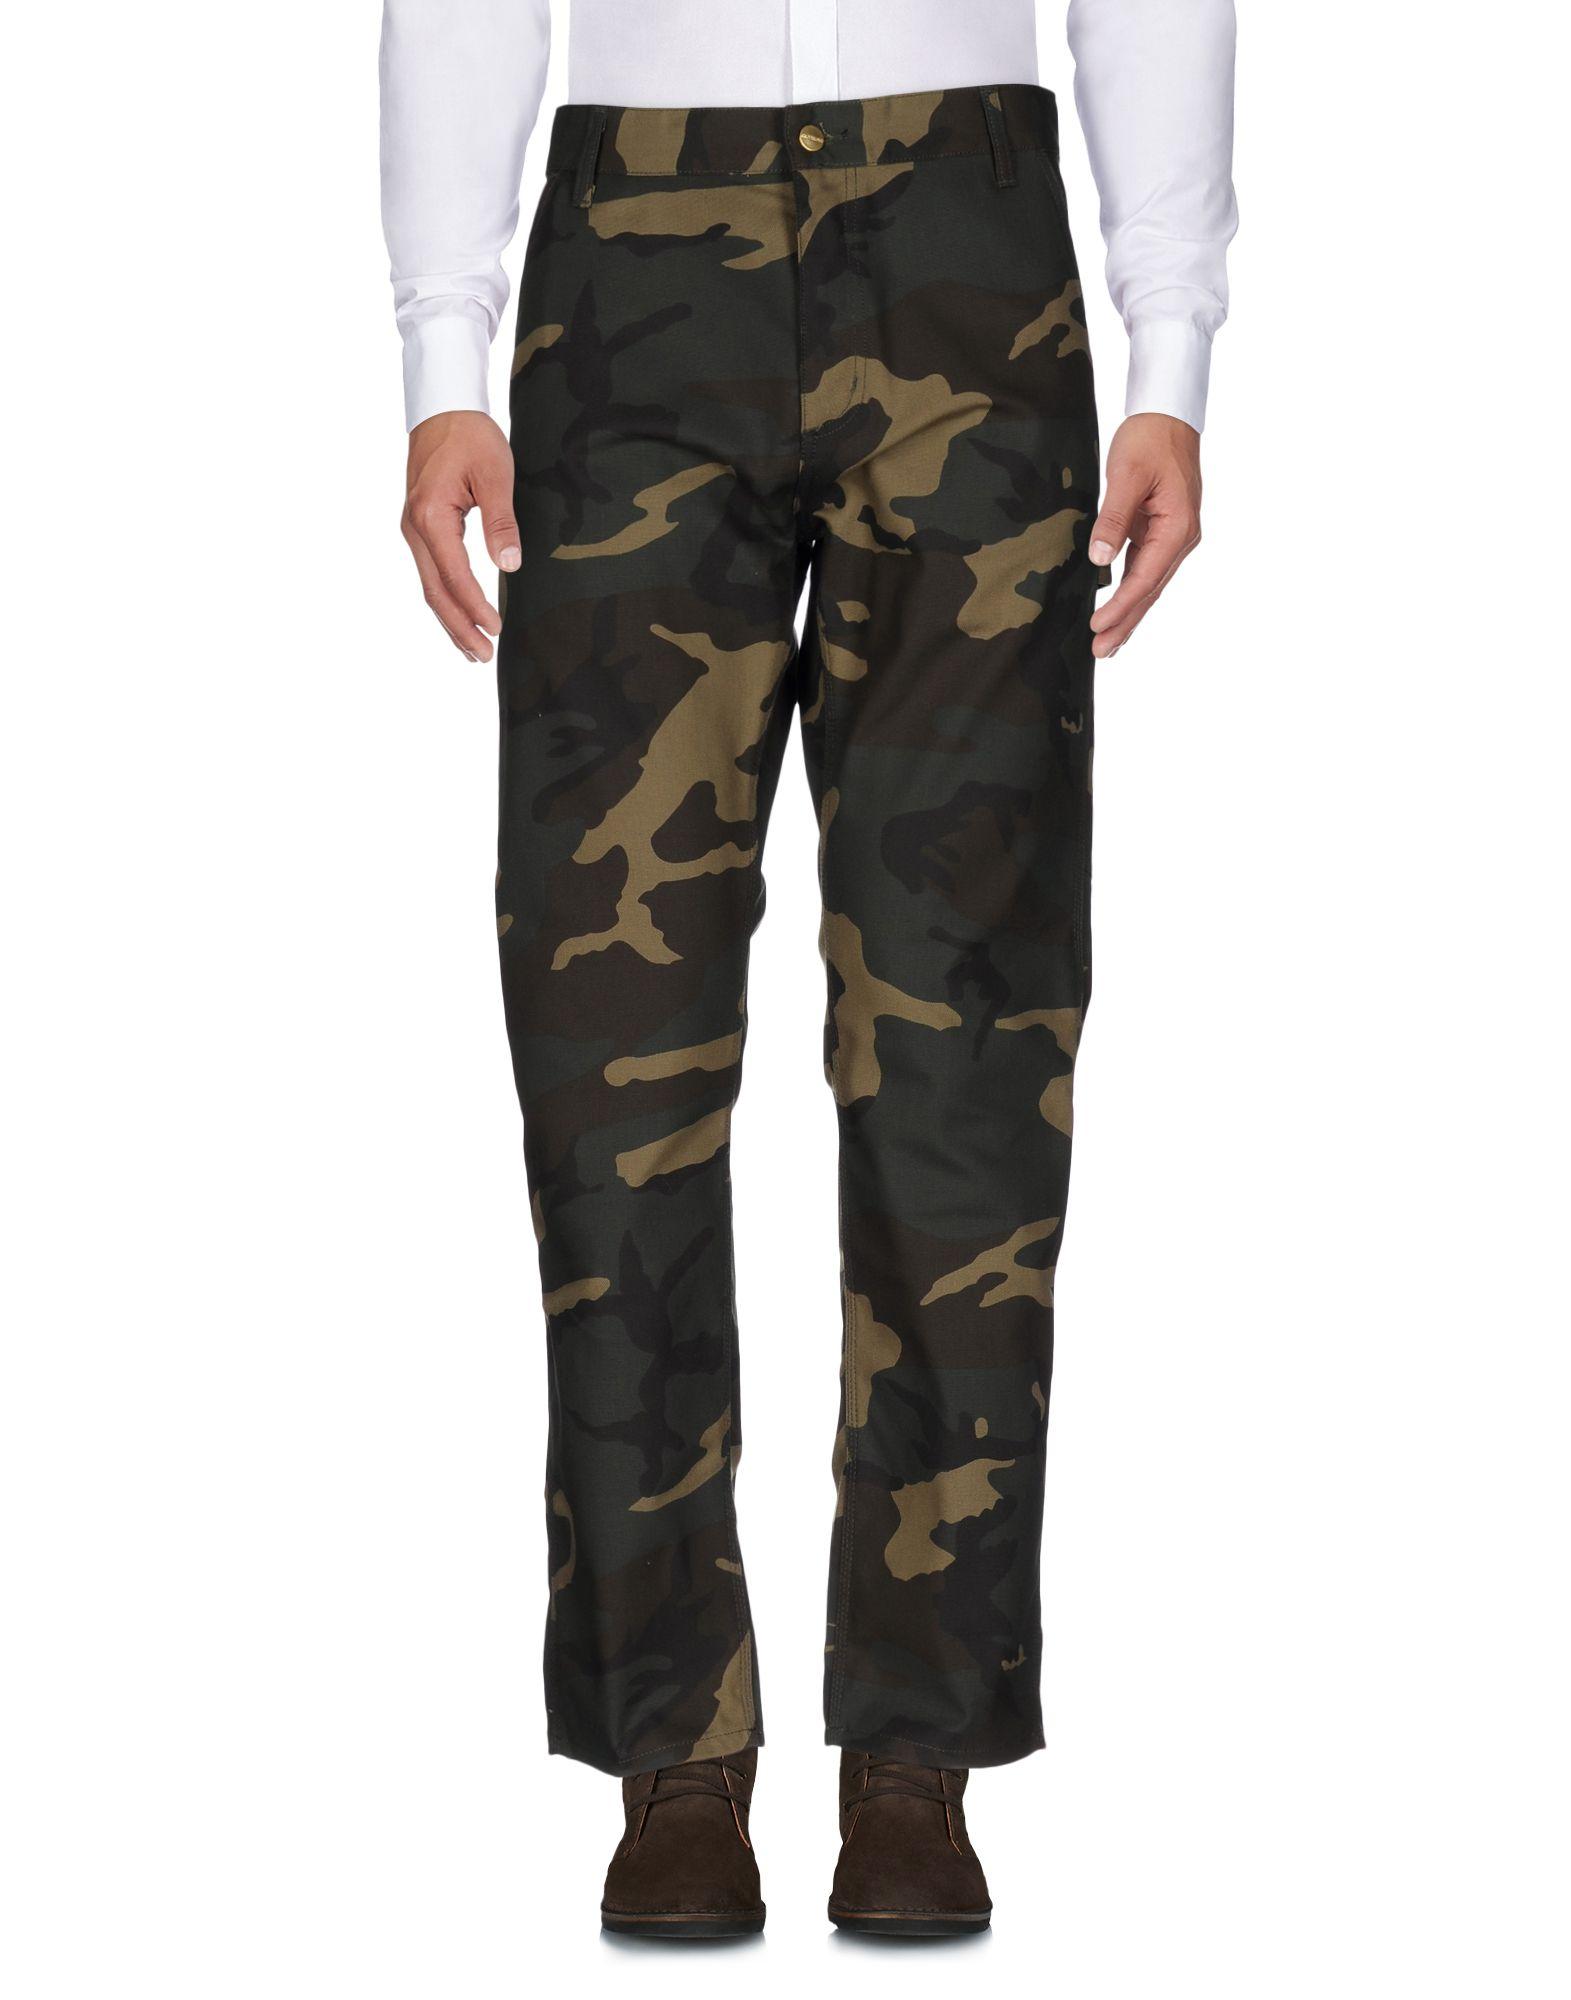 CARHARTT Herren Hose Farbe Militärgrün Größe 7 jetztbilligerkaufen